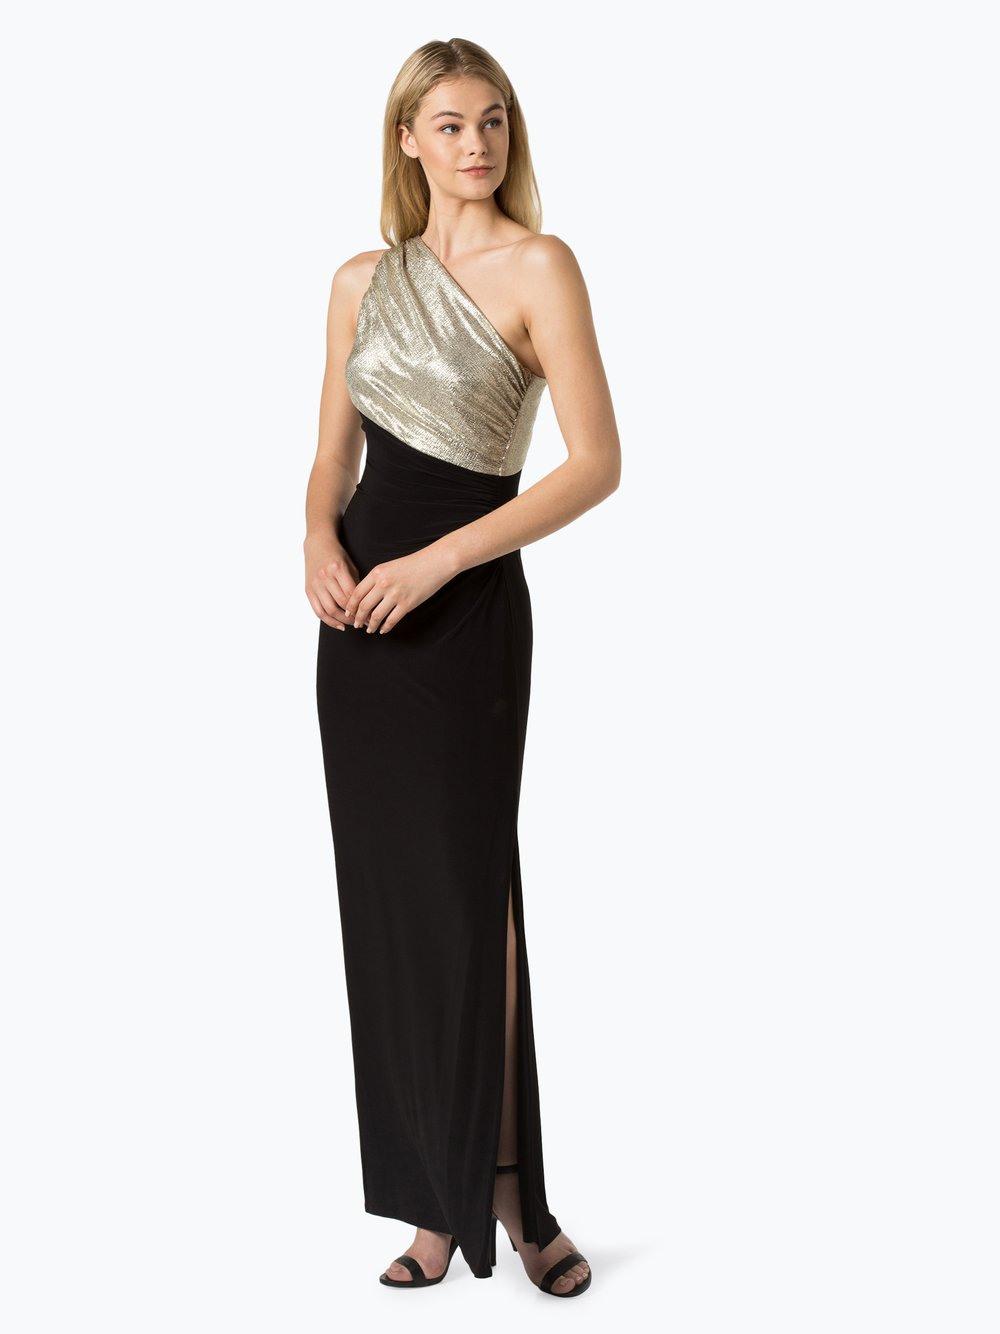 20 Luxus Ralph Lauren Abend Kleid Spezialgebiet10 Luxus Ralph Lauren Abend Kleid Vertrieb